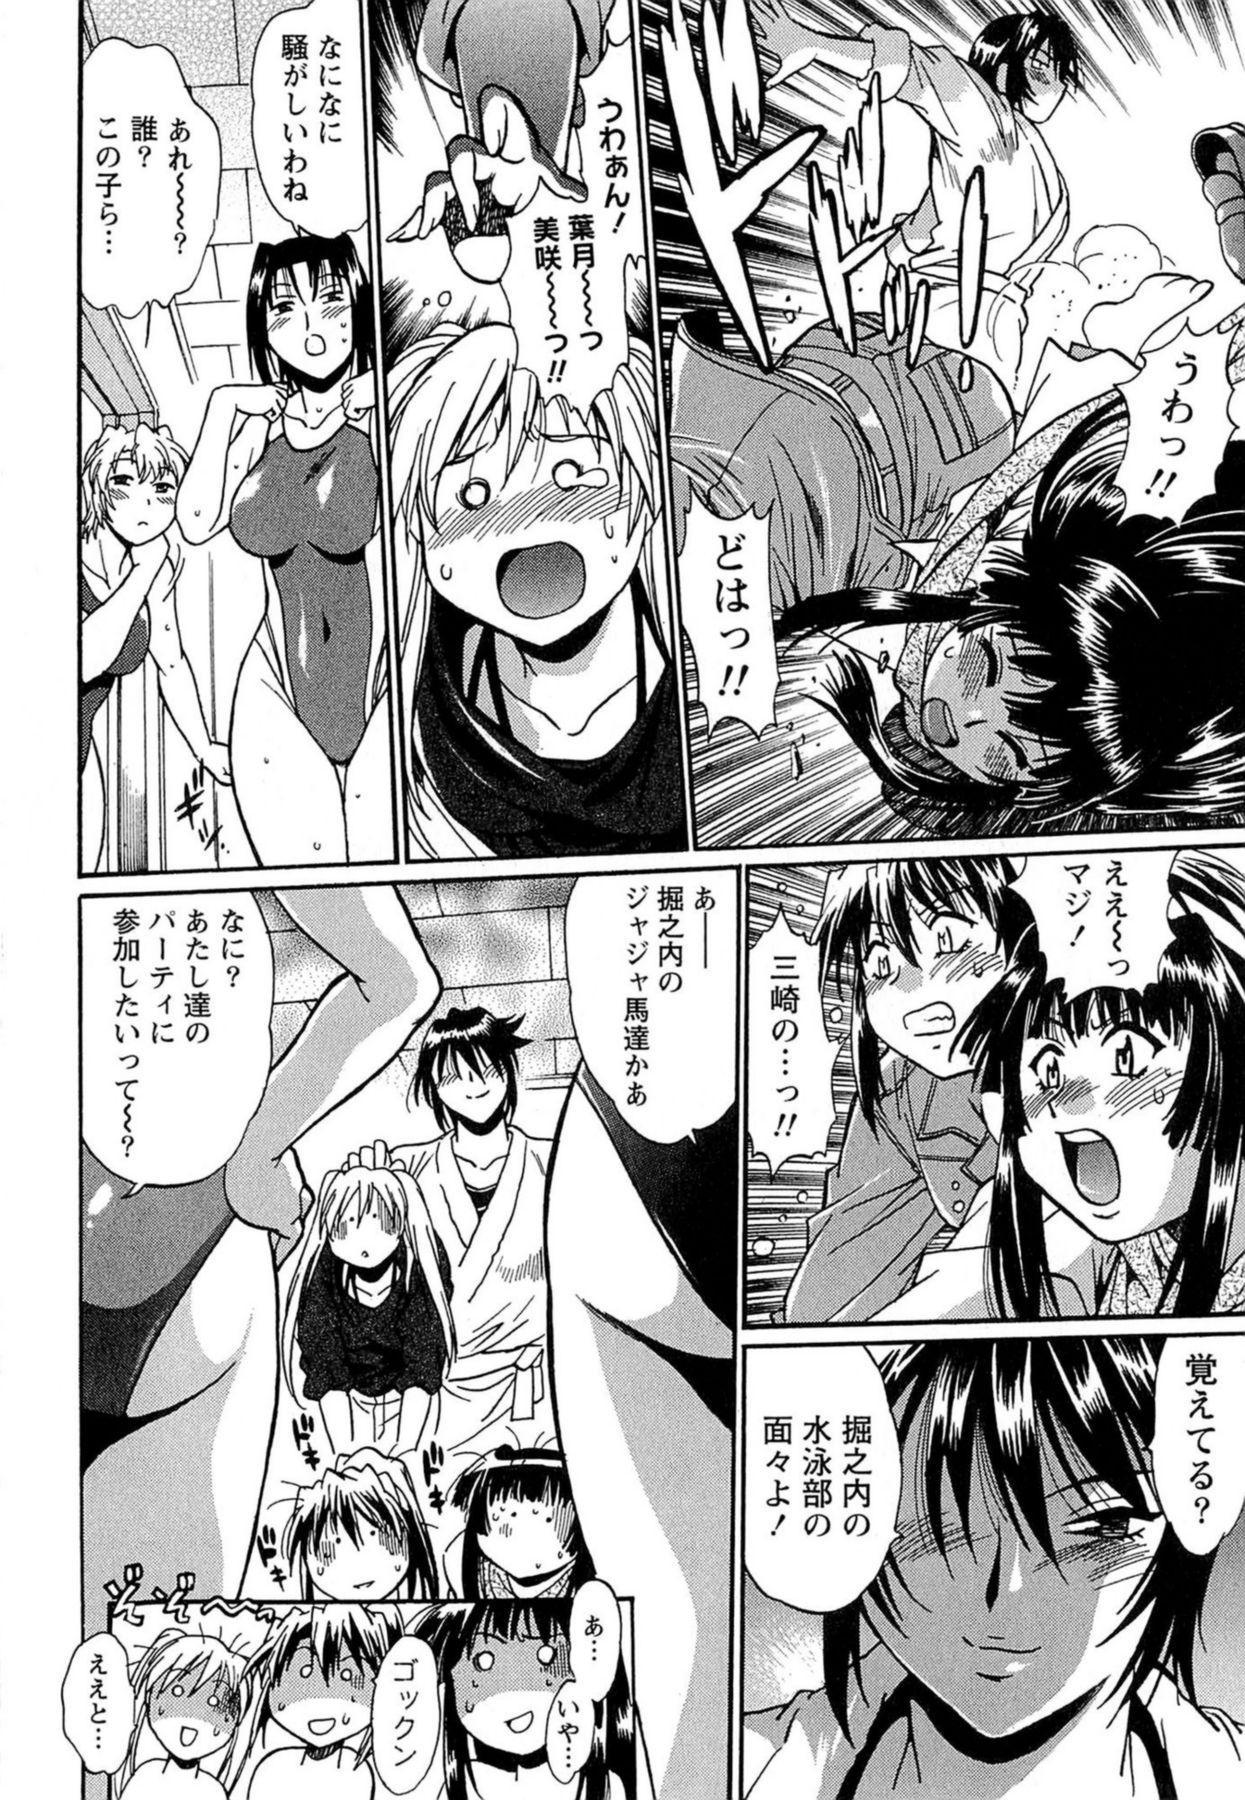 Kuikomi wo Naoshiteru Hima wa Nai! Vol. 1 140